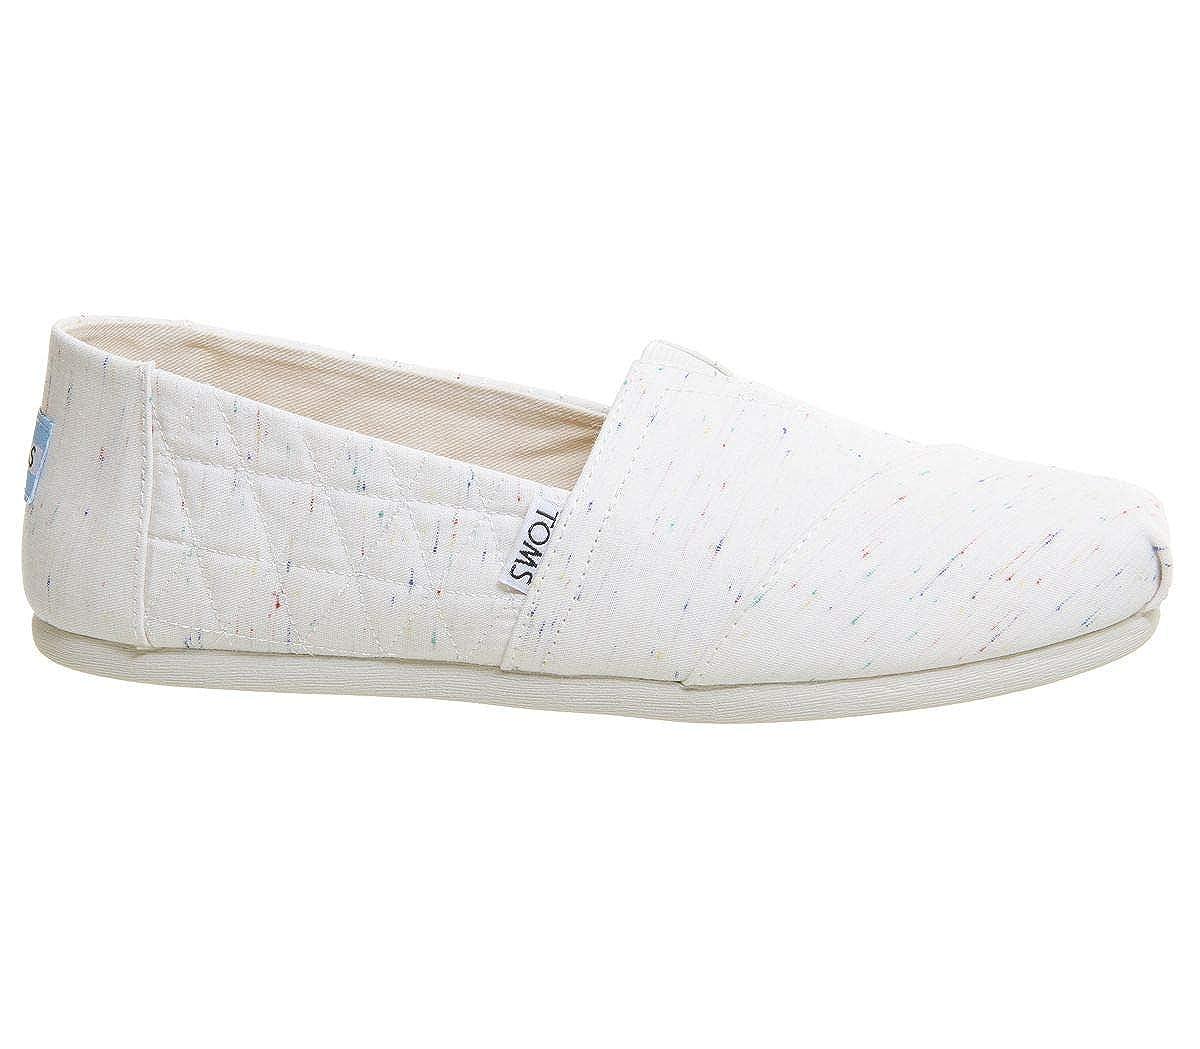 TOMS 1001B07 - Zapatillas Unisex para Mujer, Color, Talla 40 EU: Amazon.es: Zapatos y complementos